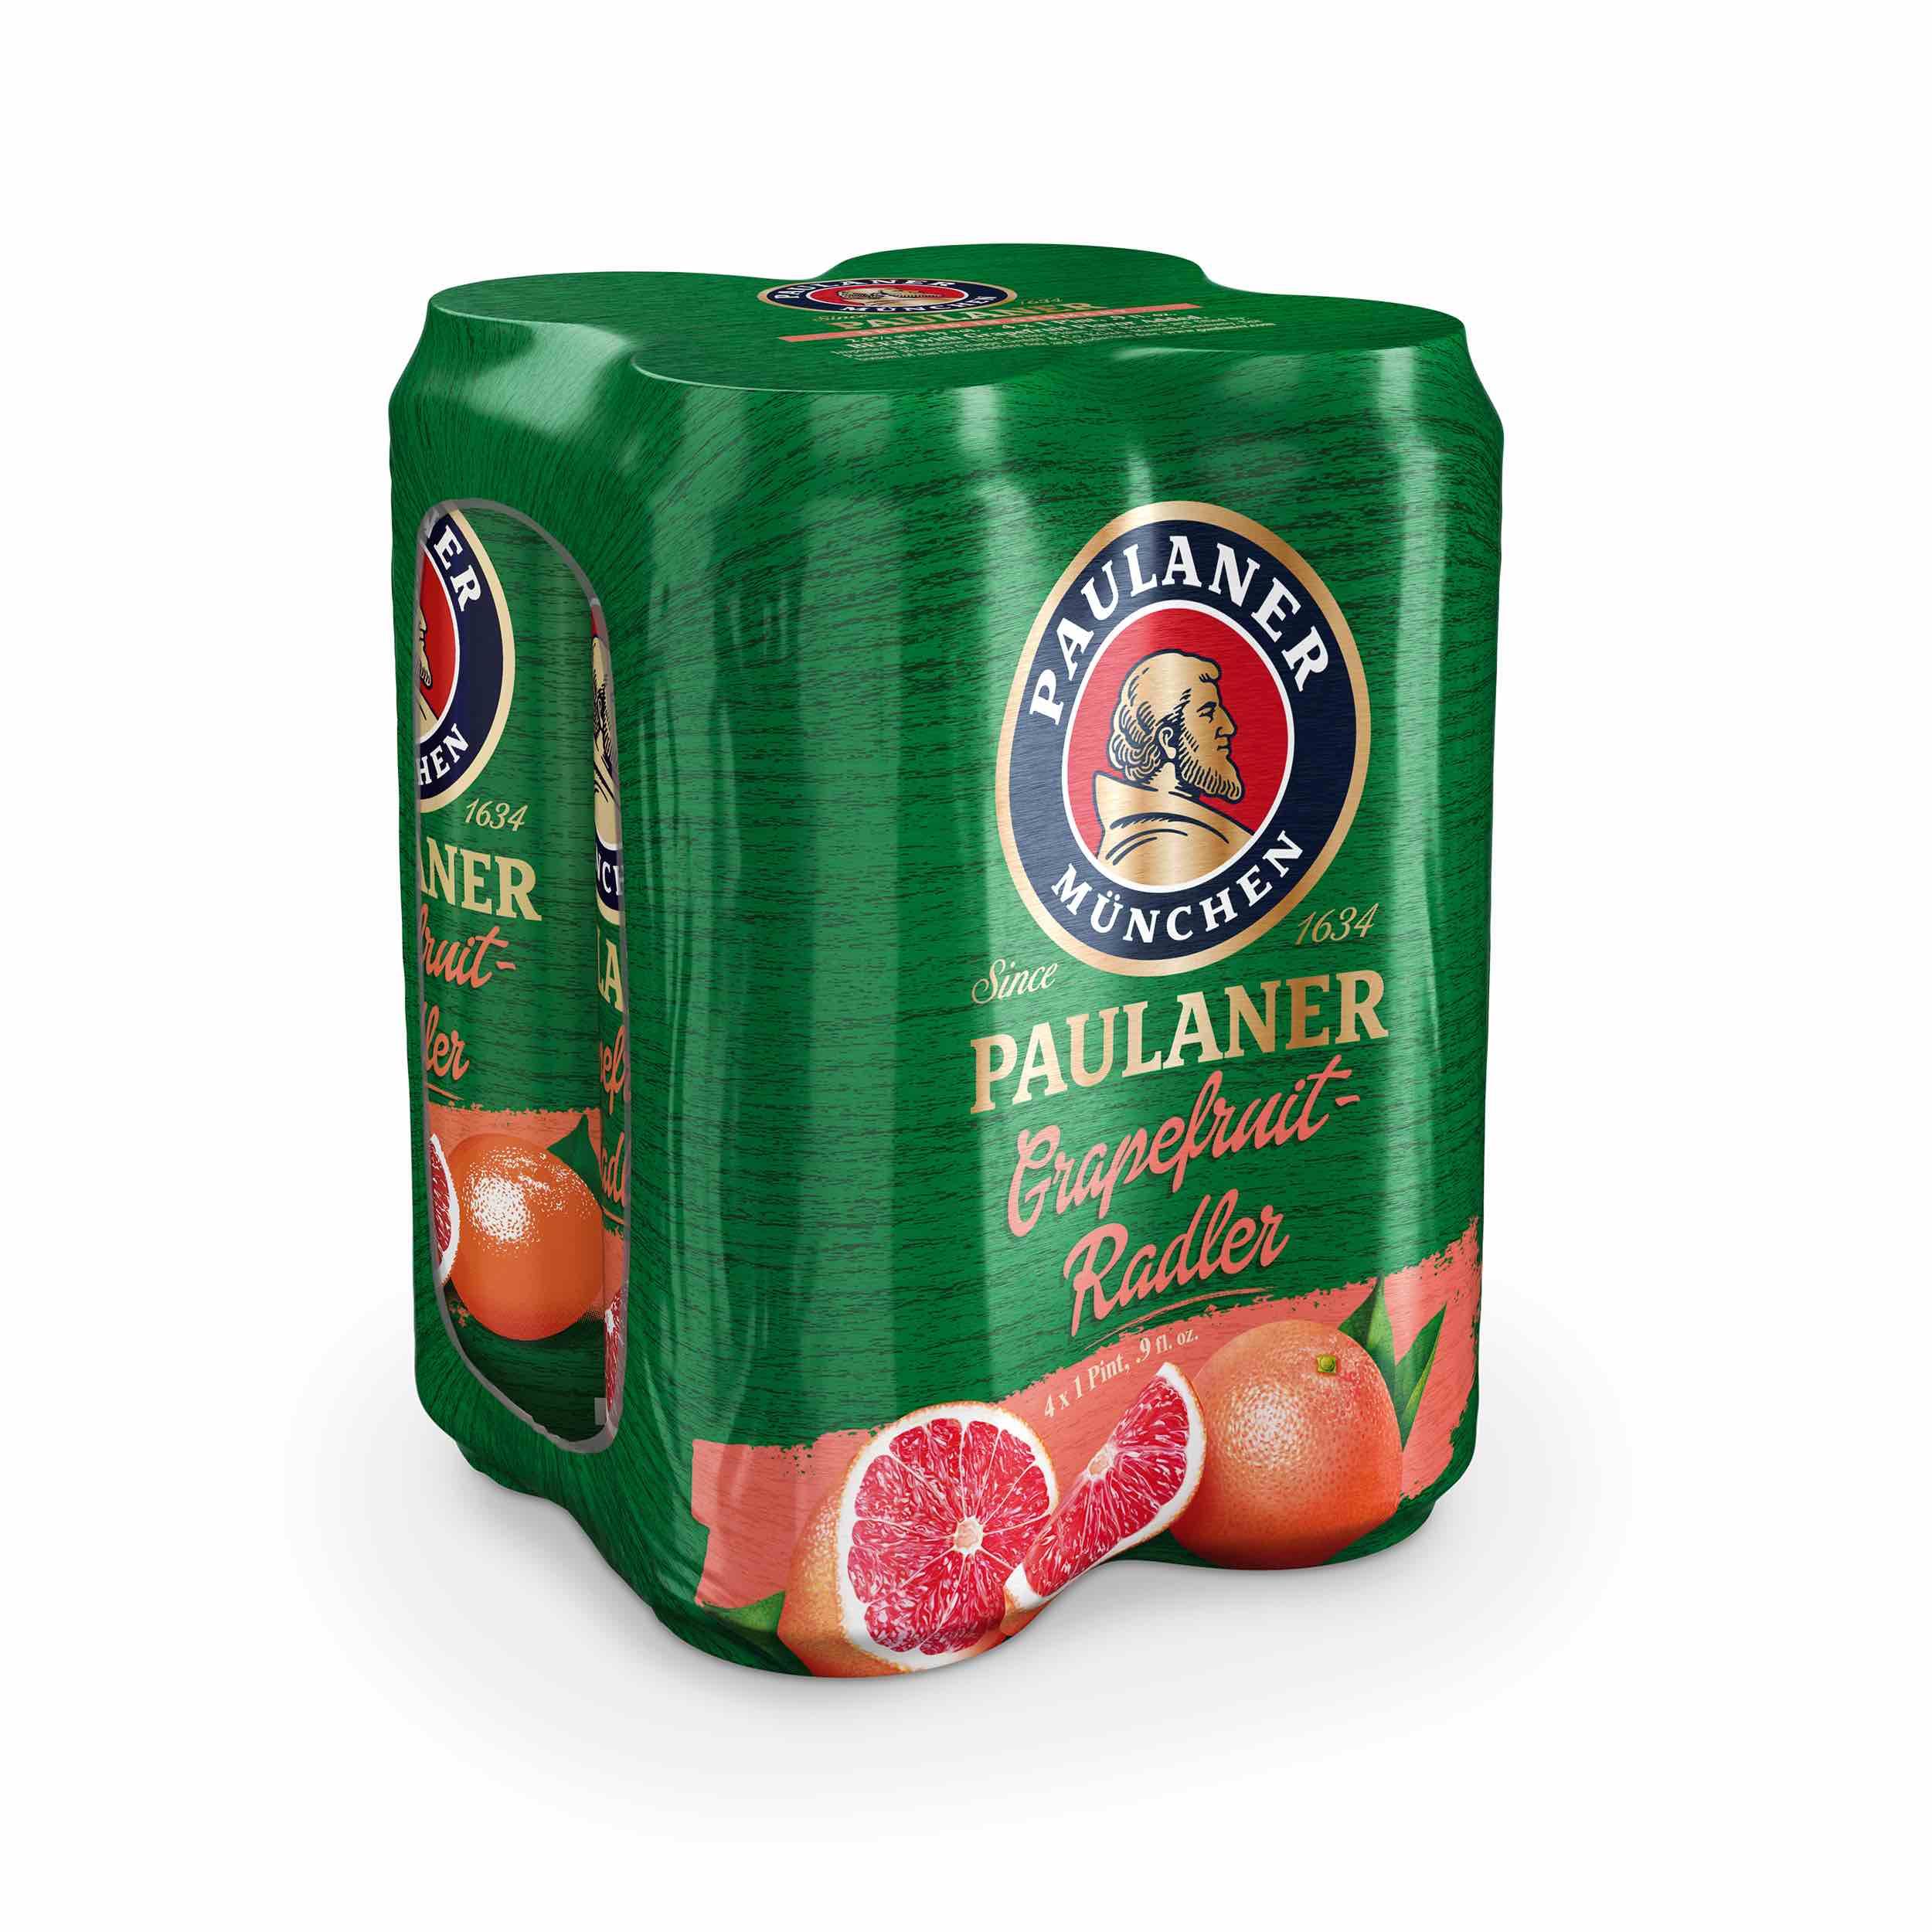 Paulaner Grapefruit Radler 4-pack.